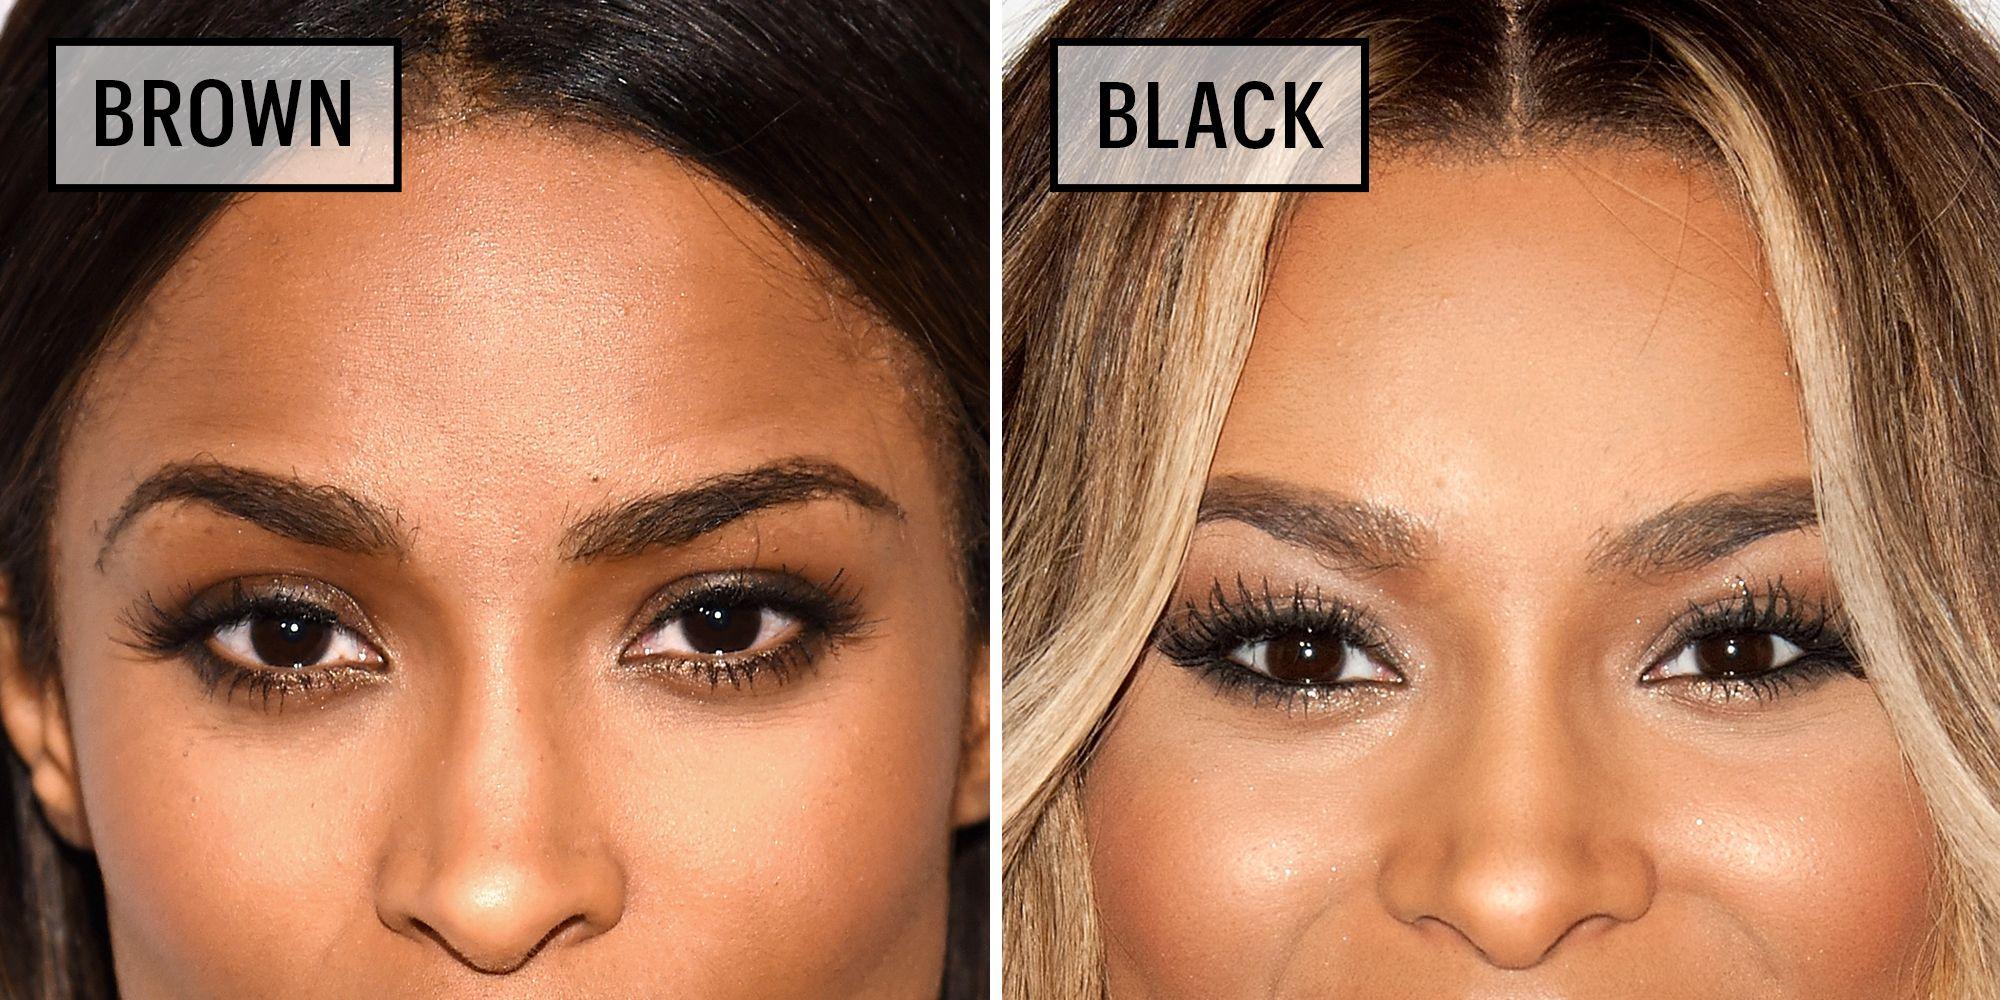 Celebrities Wearing Black Versus Brown Eyeliner - Why You Should Wear Brown Eyeliner